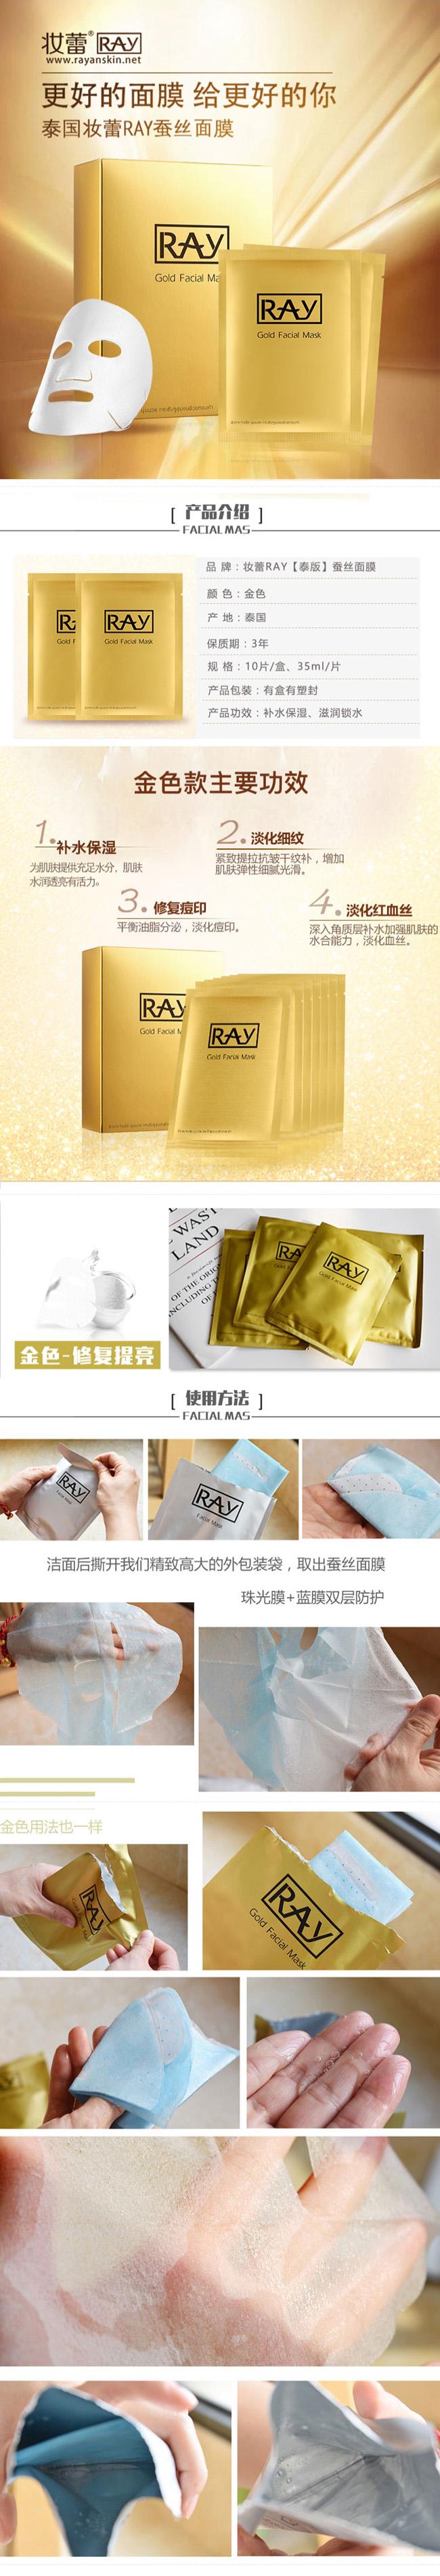 泰国RAY妆蕾金色蚕丝面膜10片装-1.jpg